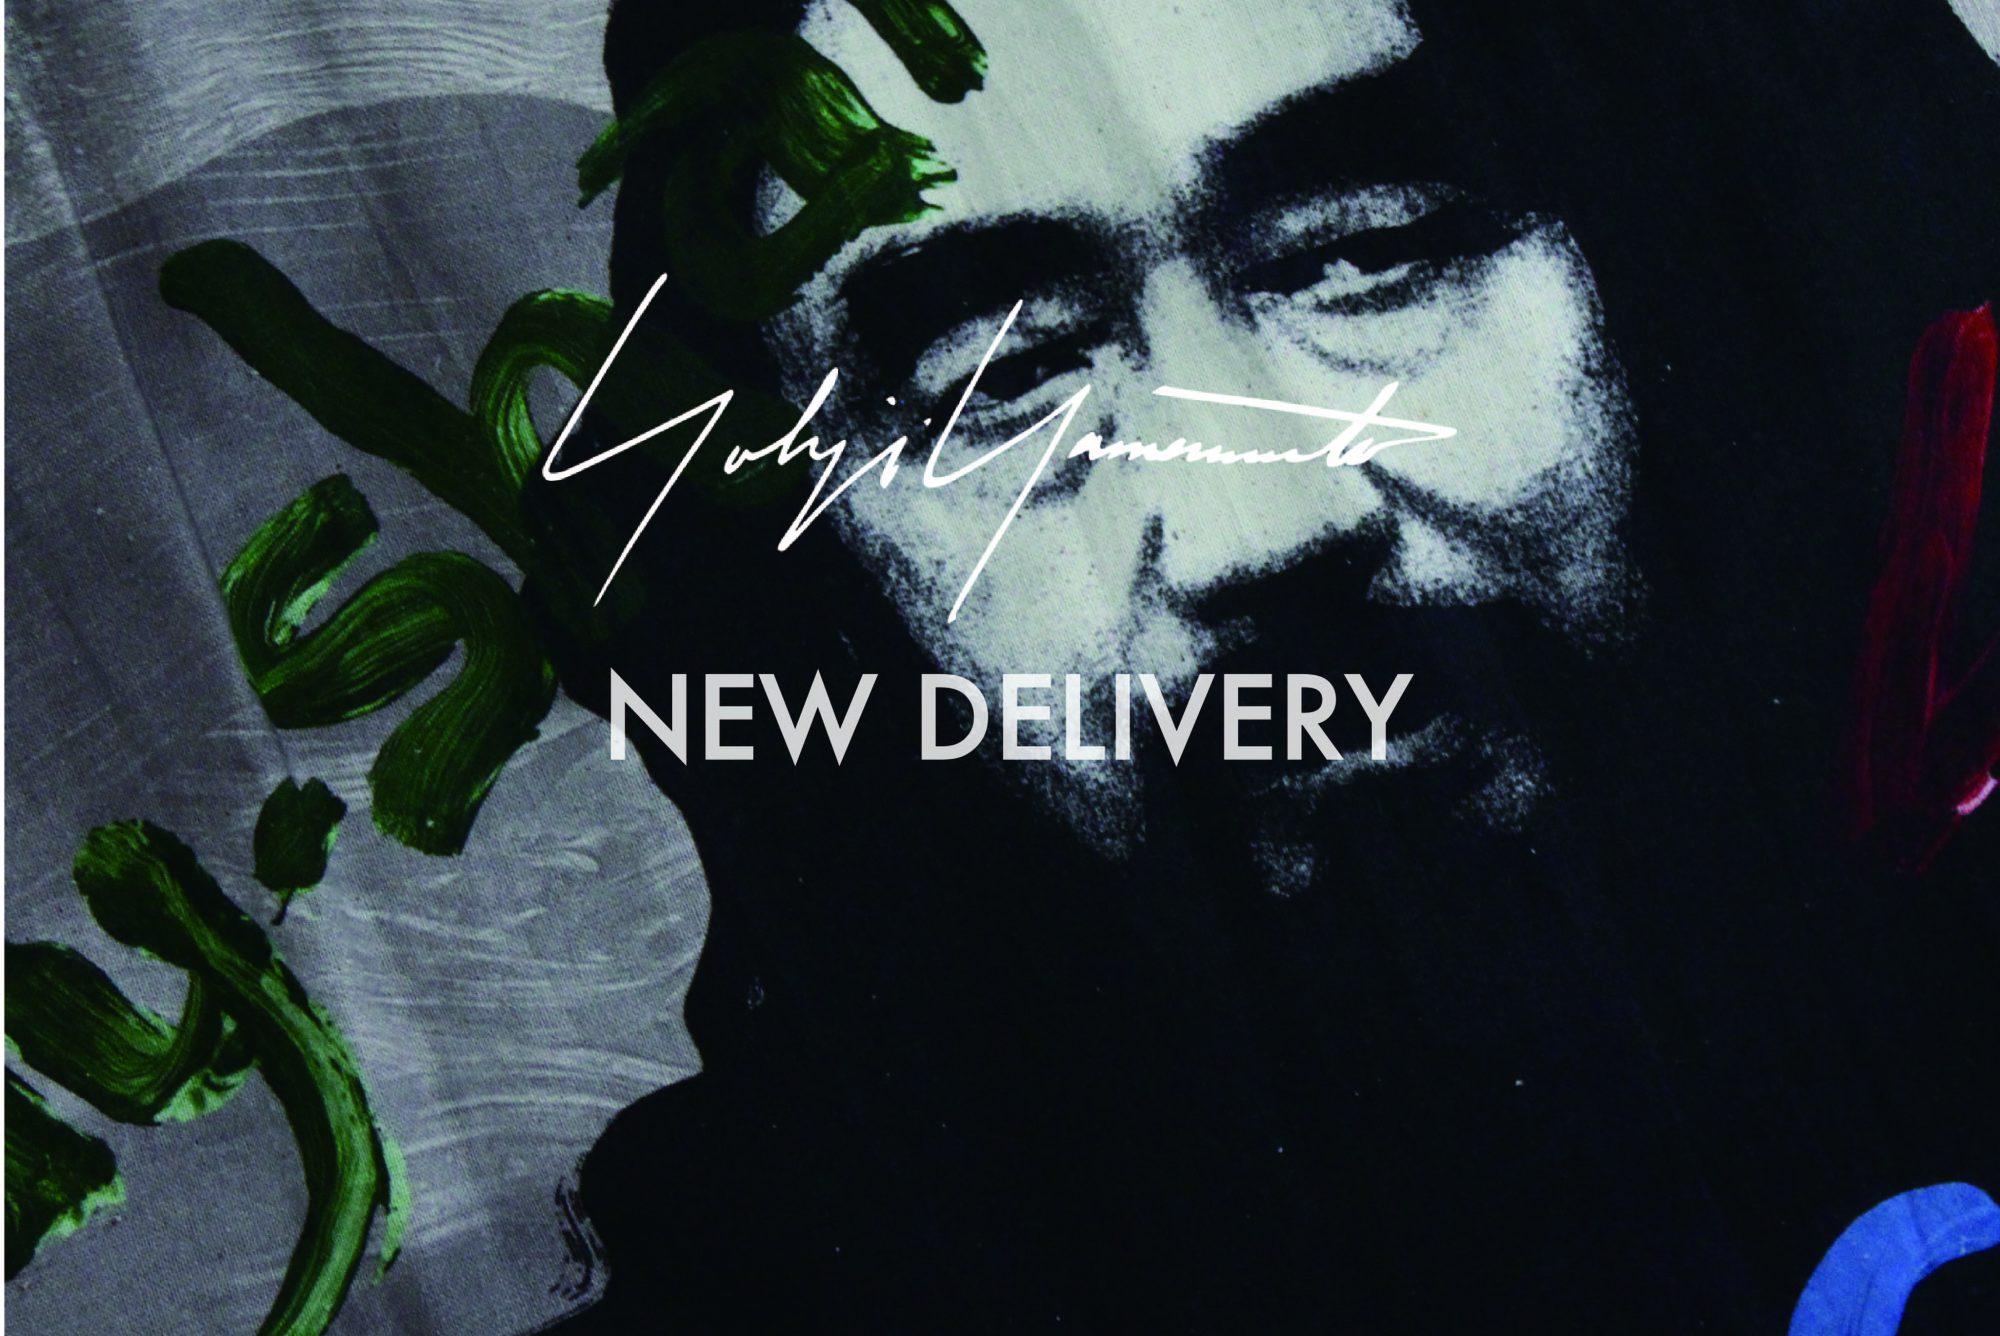 YOHJI YAMAMOTO New Delivery START !!!